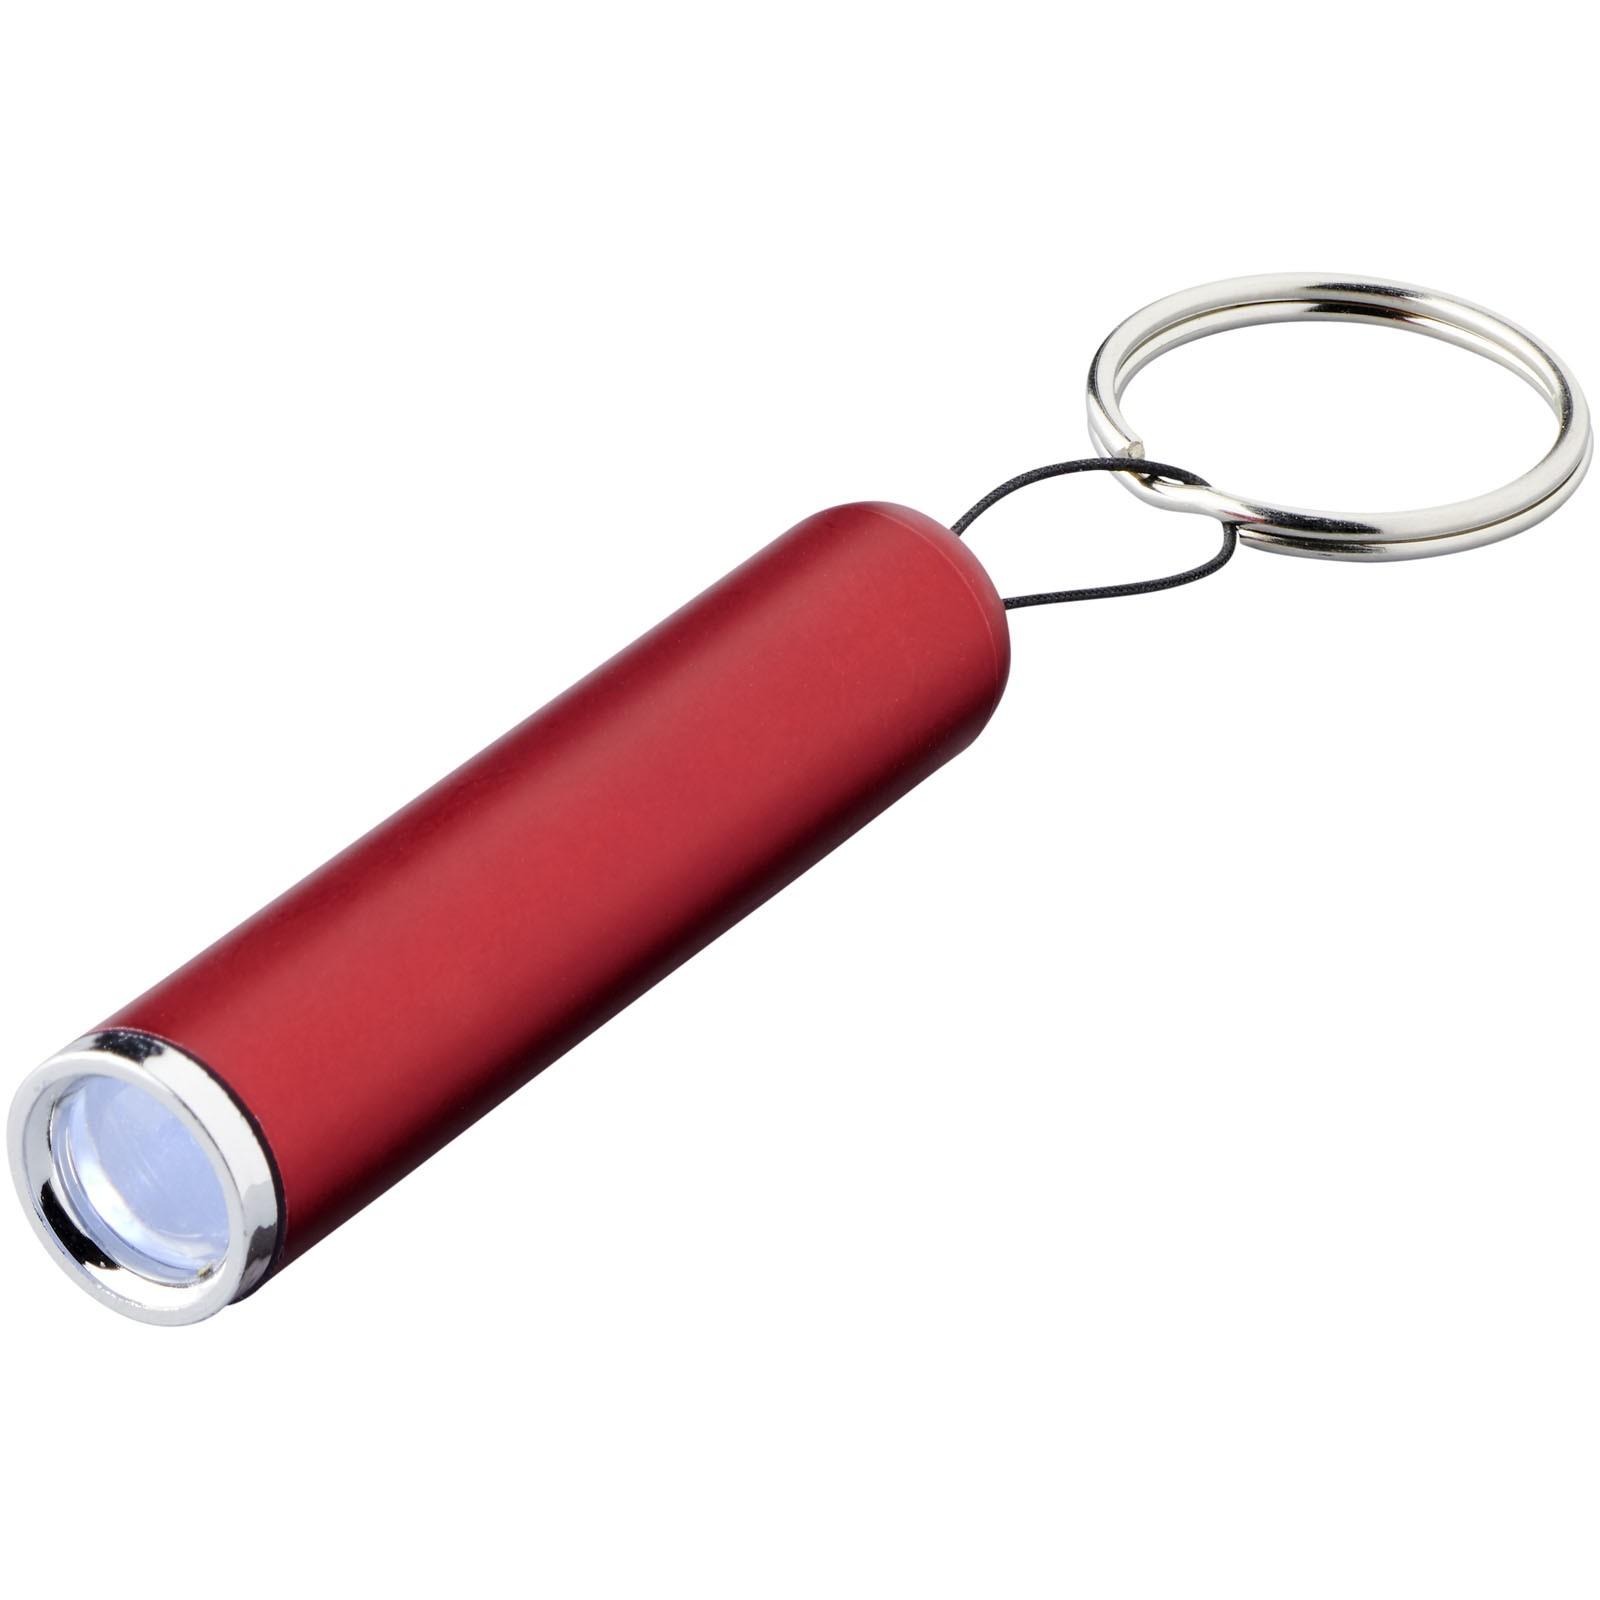 Pull Tastenleuchte mit aufleuchtendem Logo - Rot